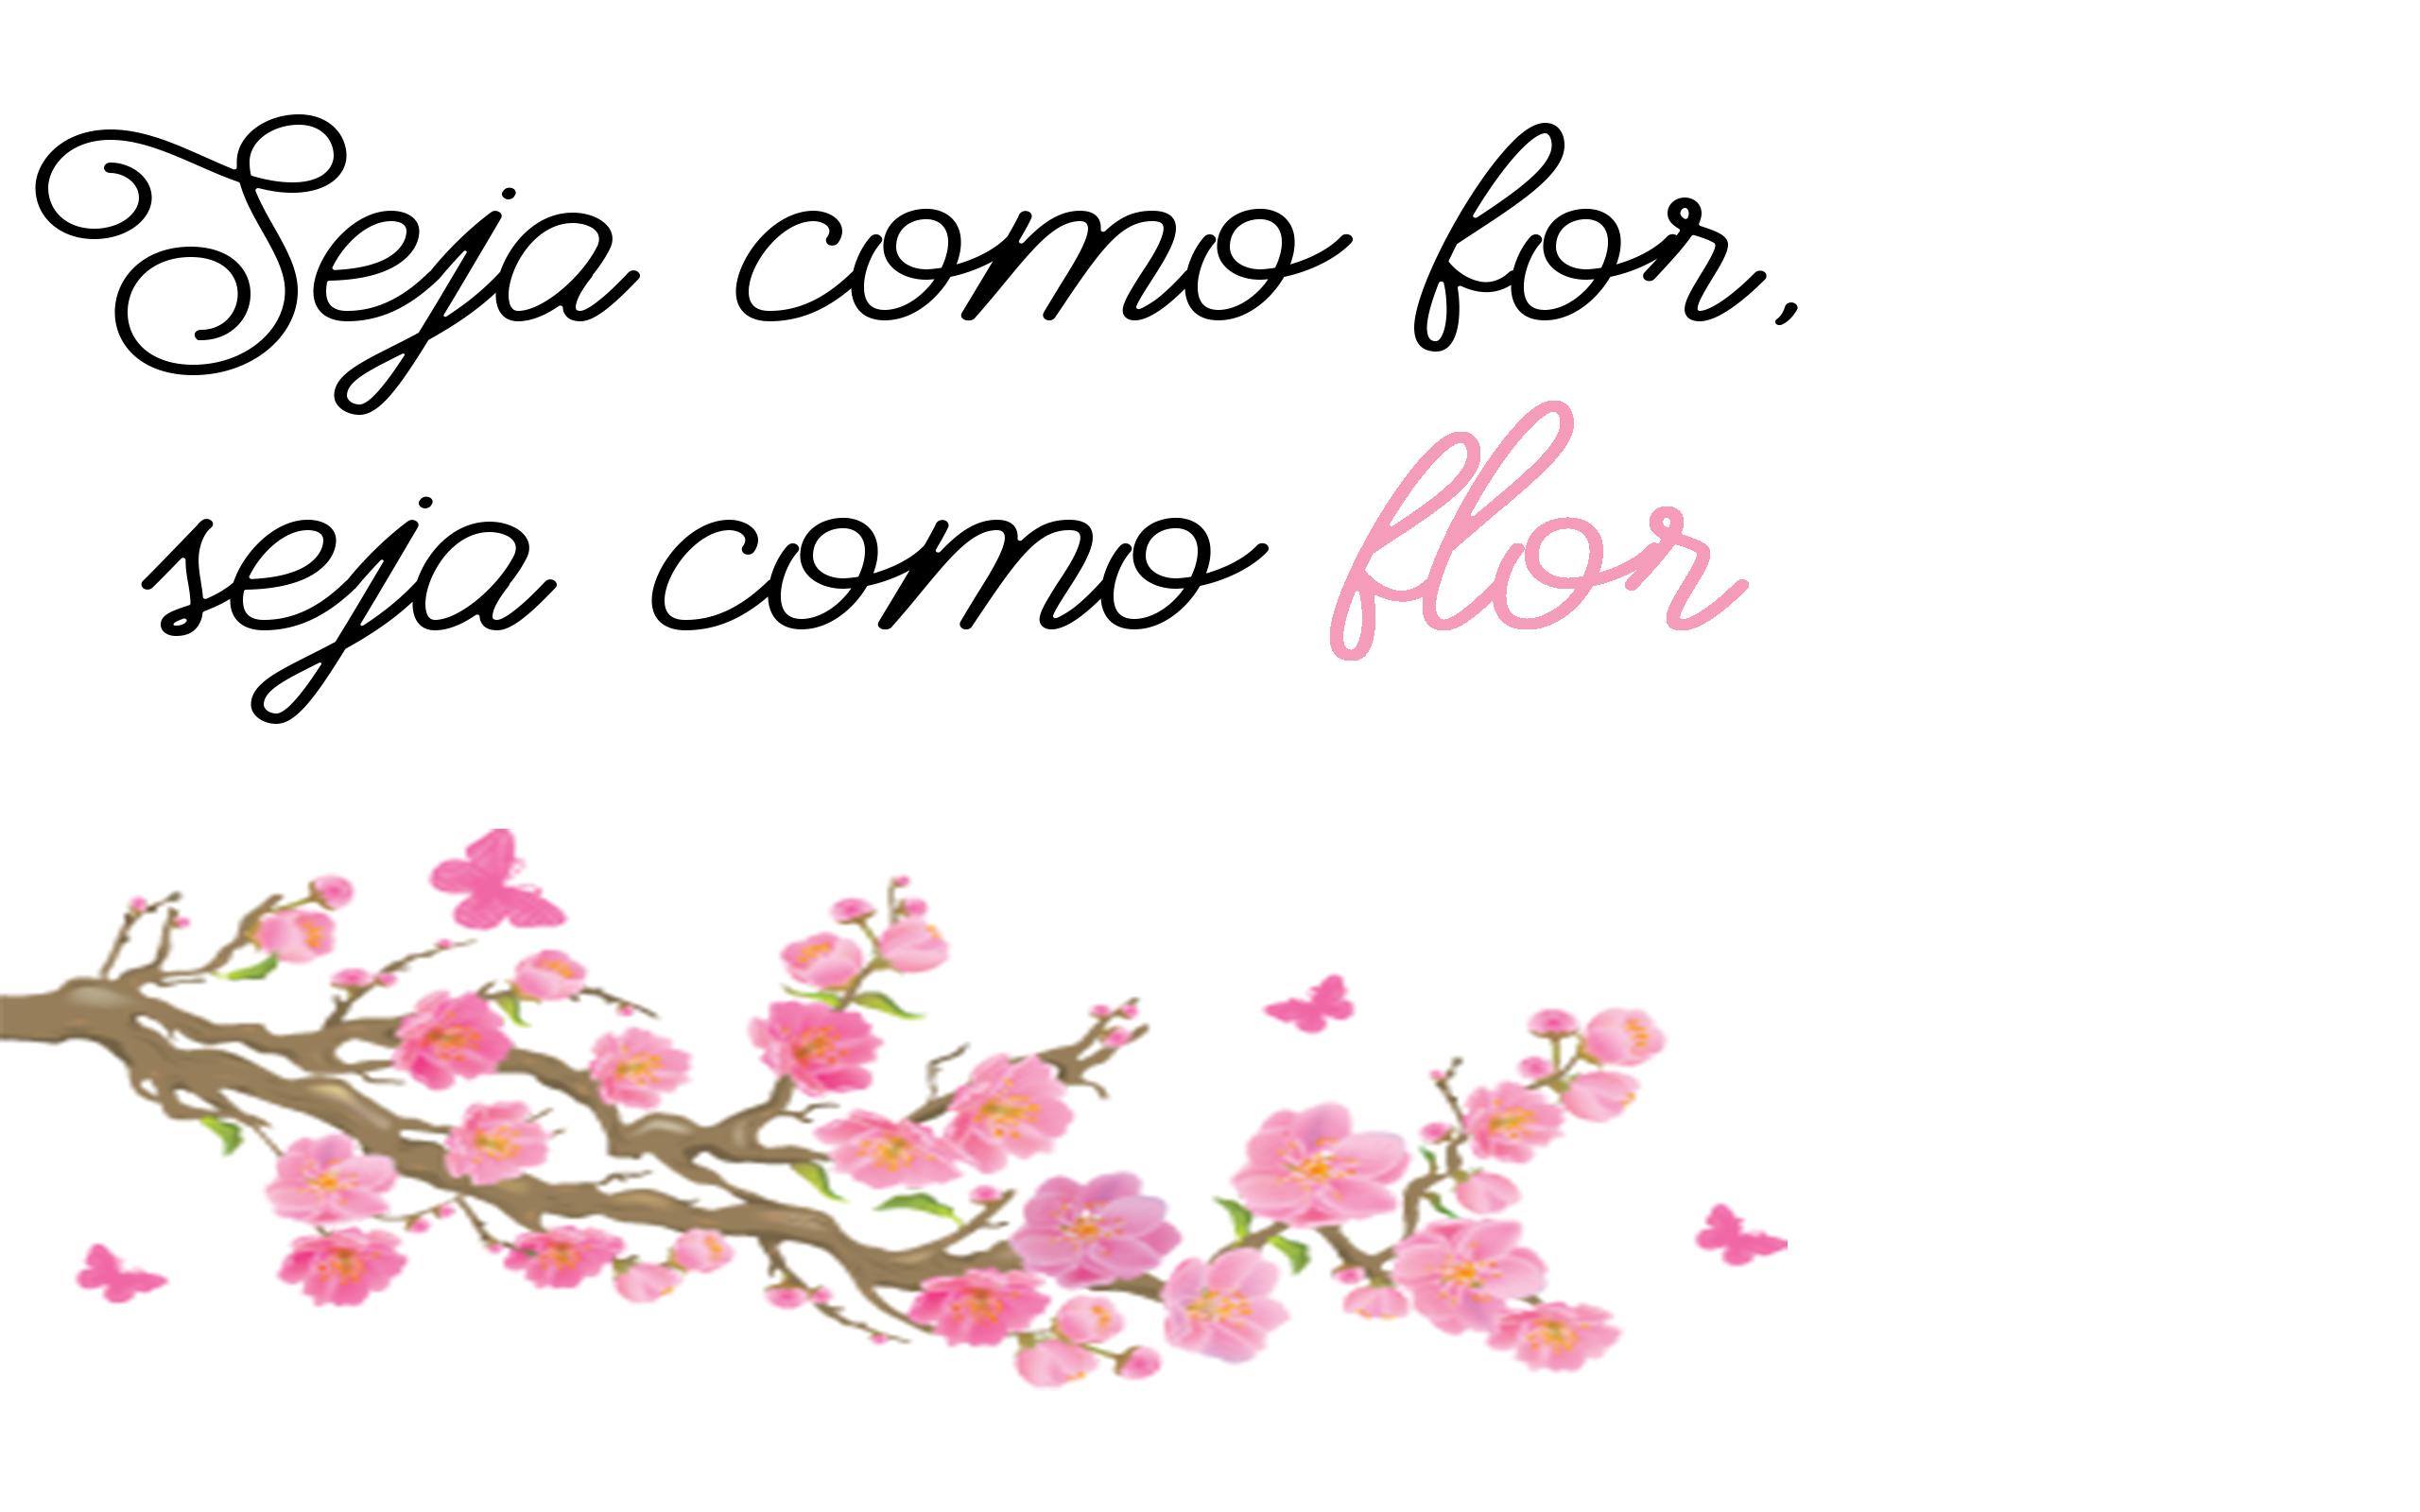 Seja como for, seja como flor. ~ wallpaper, frase,  flor, rosa ~